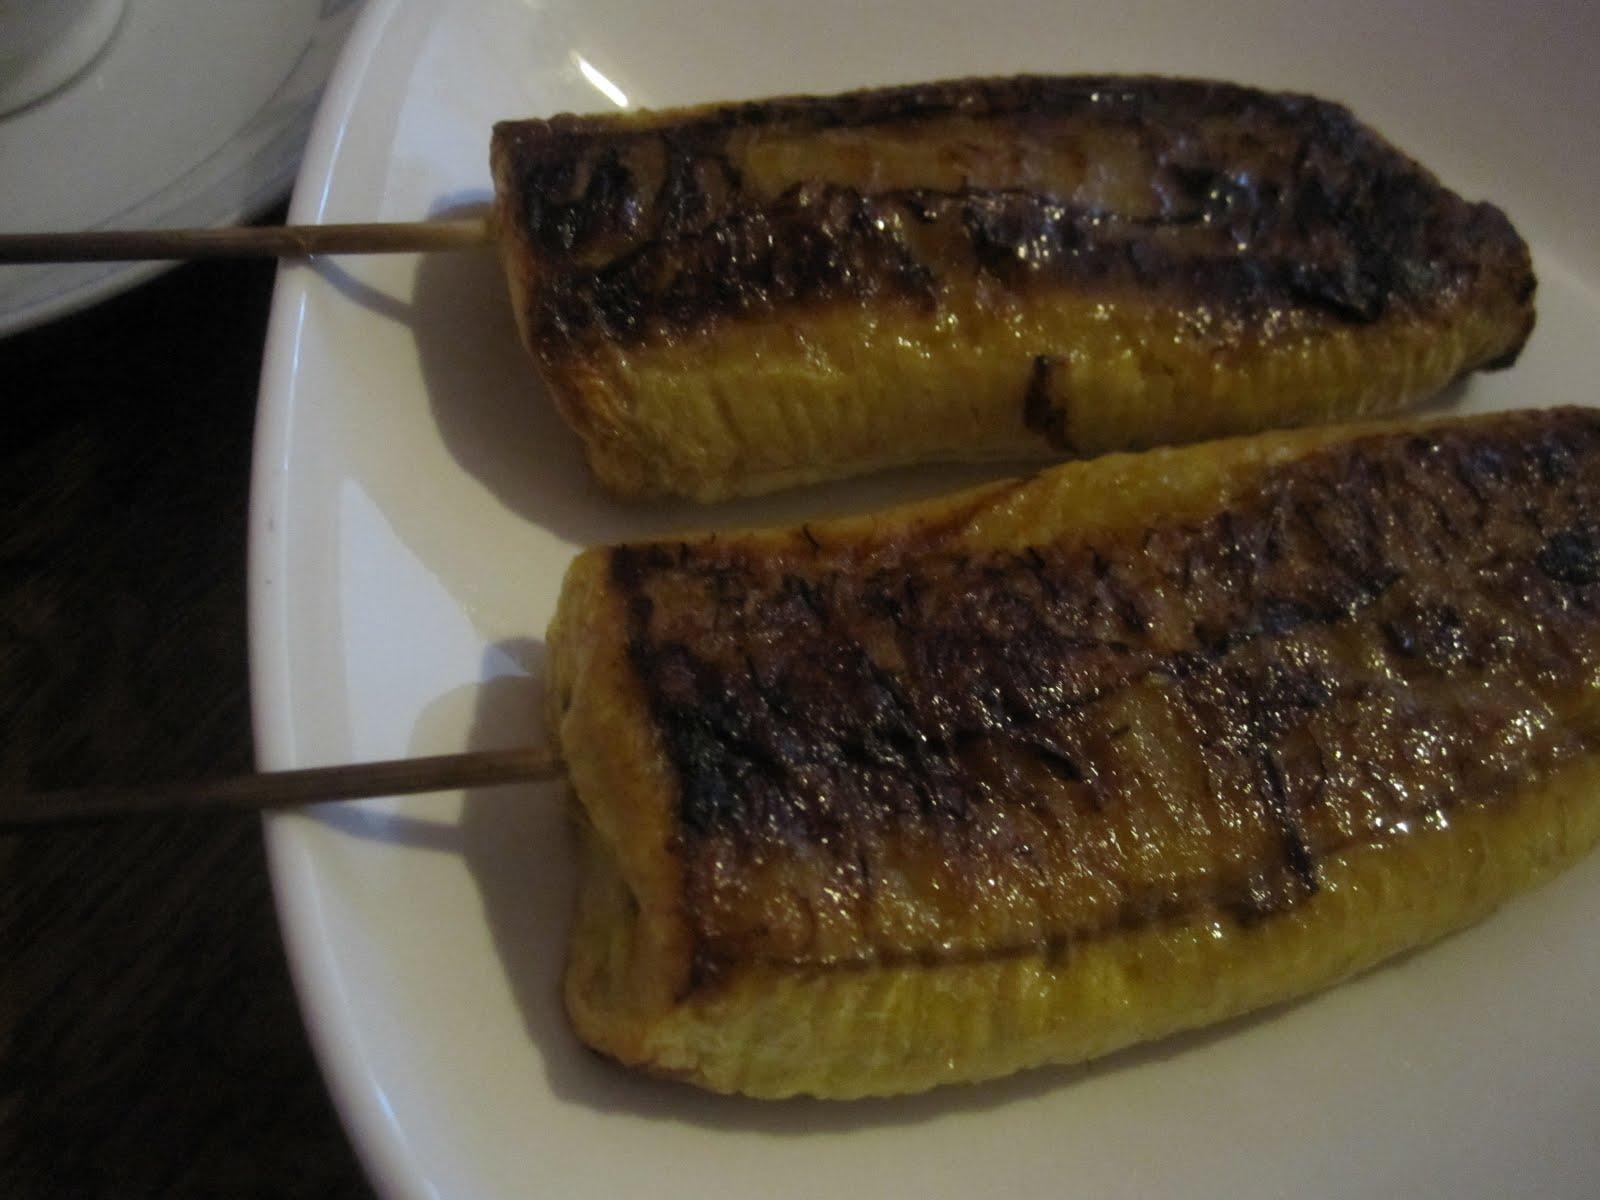 Kleine Keuken: Resep pisang selai ala koe'